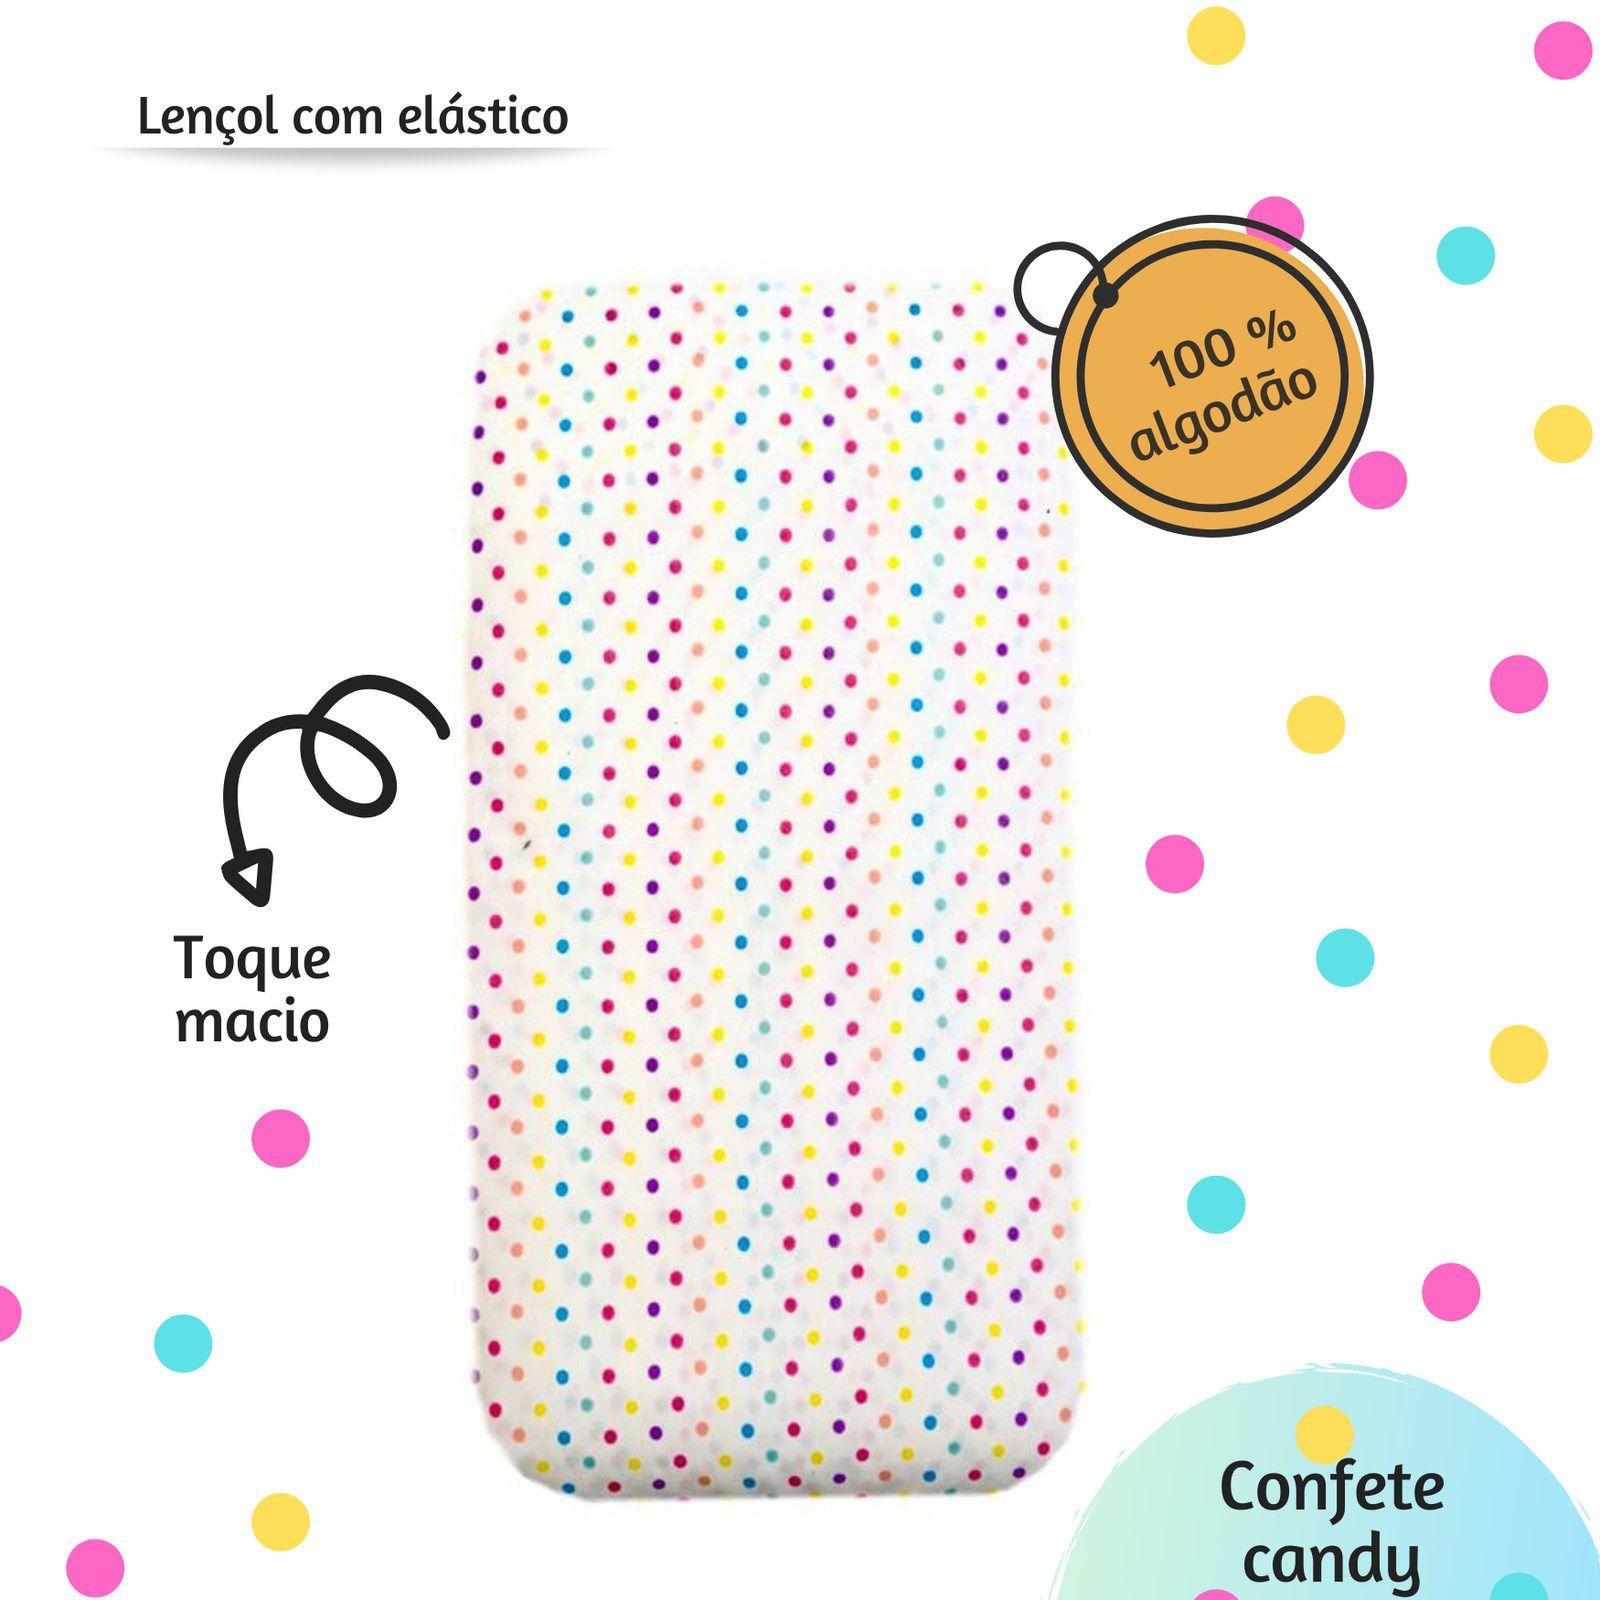 Lençol com elástico mini cama 70 x 150 cm  Confete candy  - Pomelo Decor